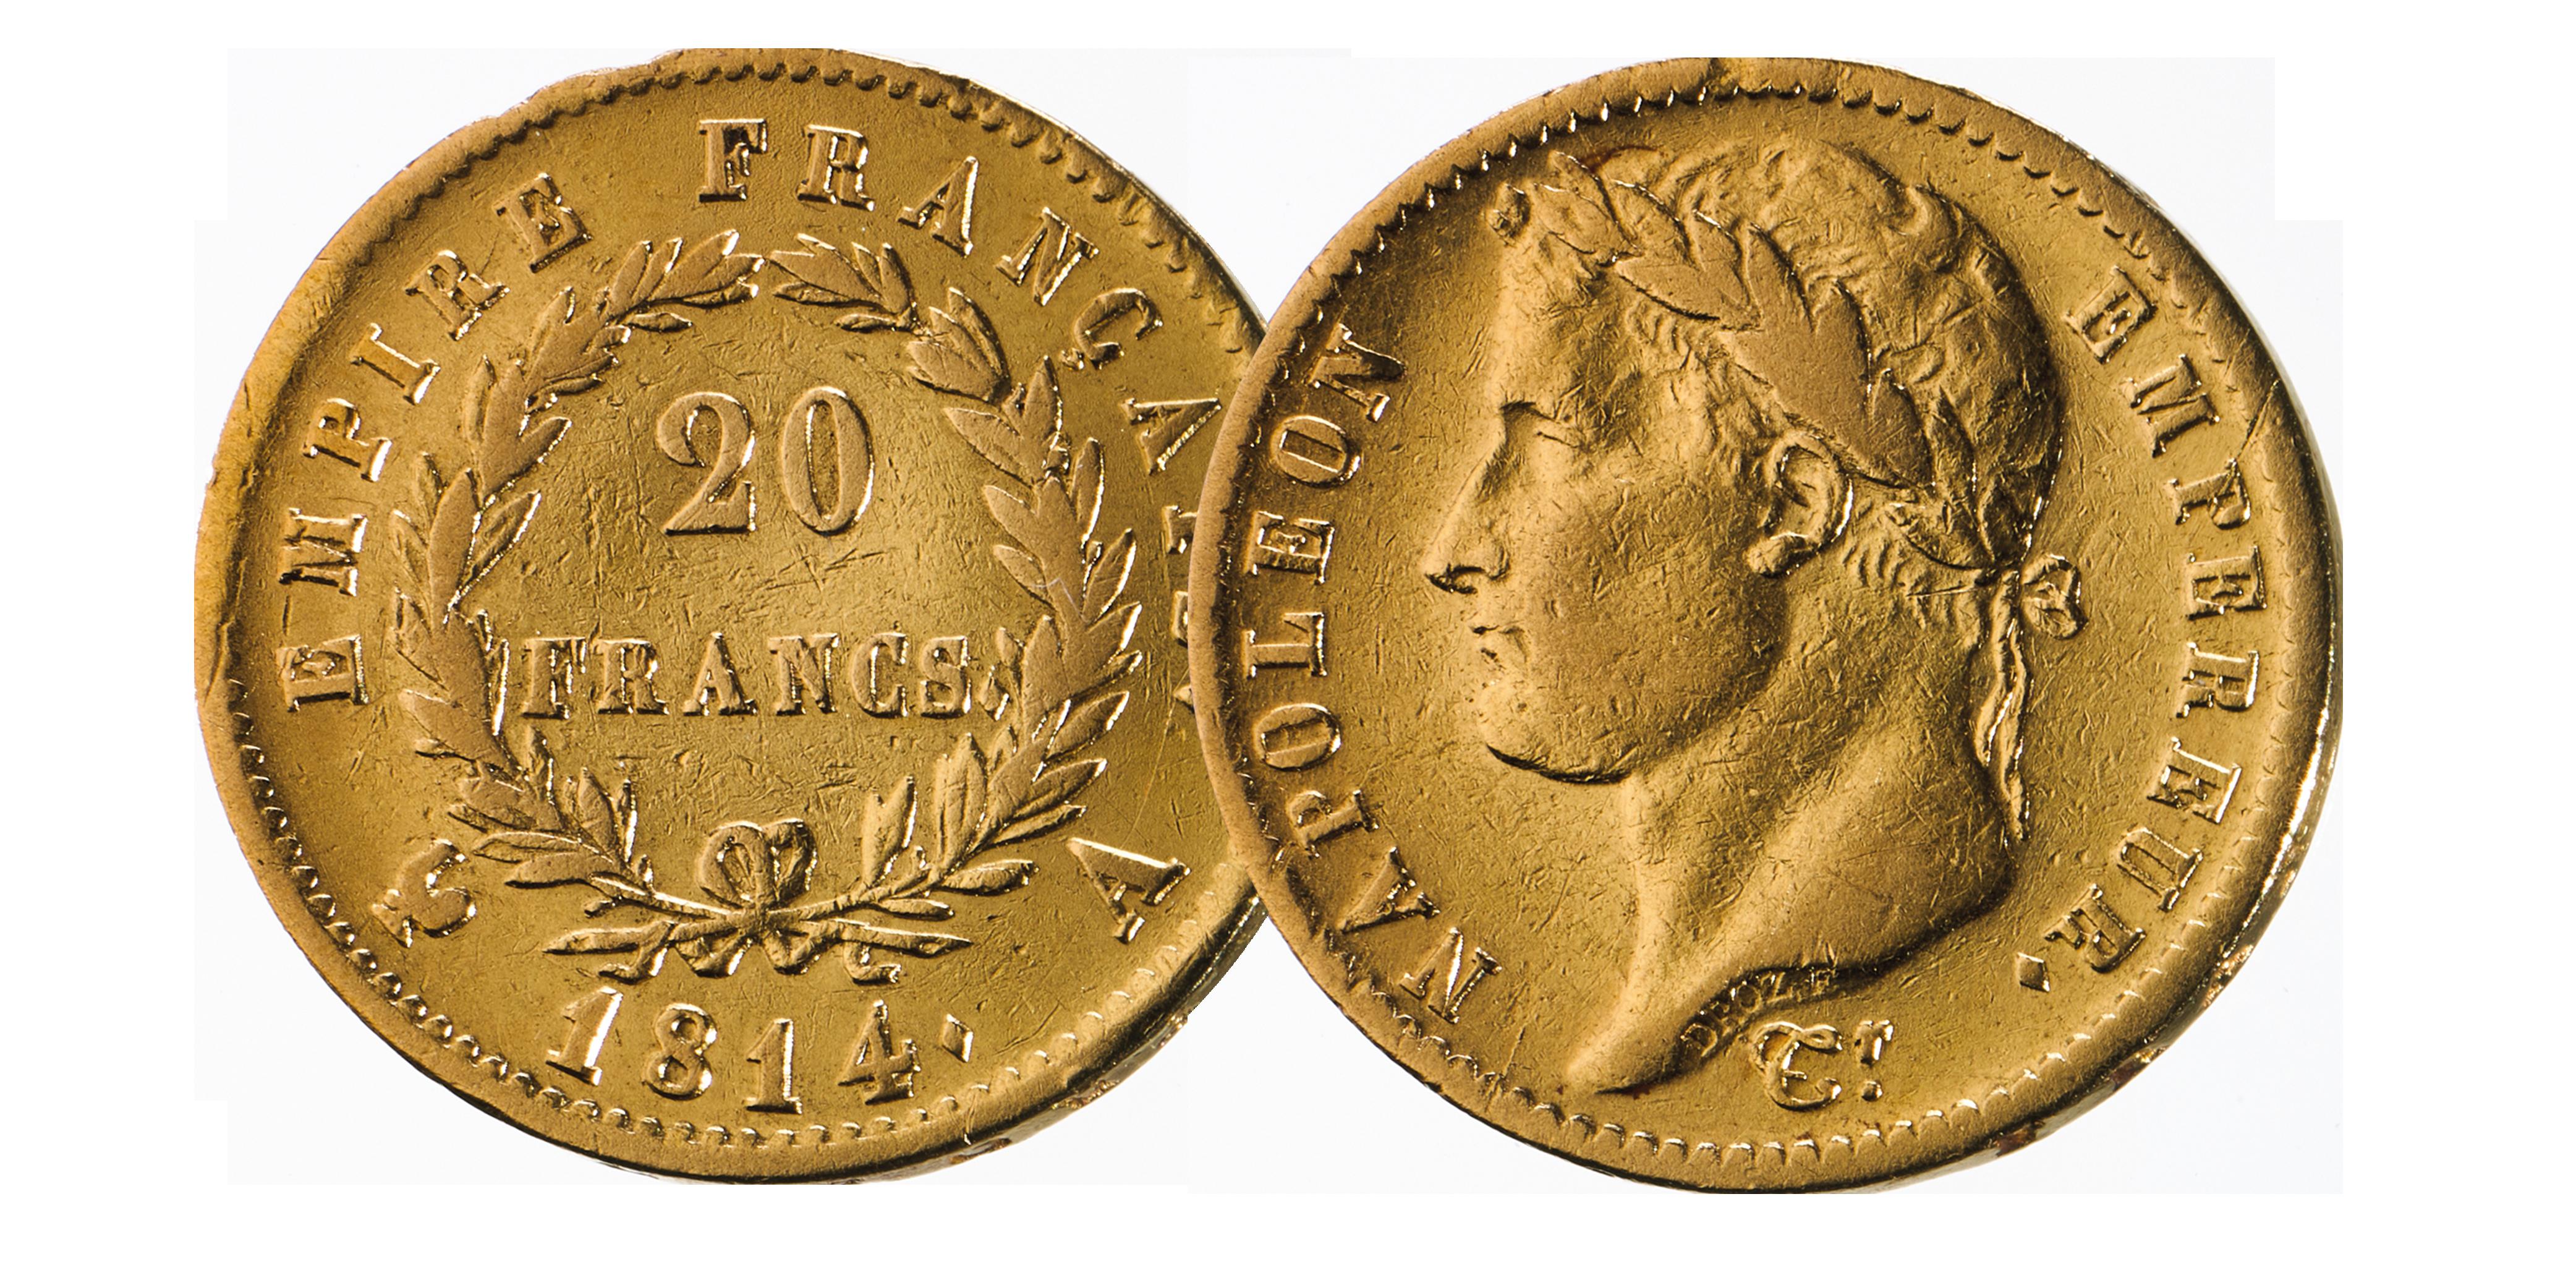 Ces magnifiques 20 Francs d'or vous attendent Or massif, 21,6 carats